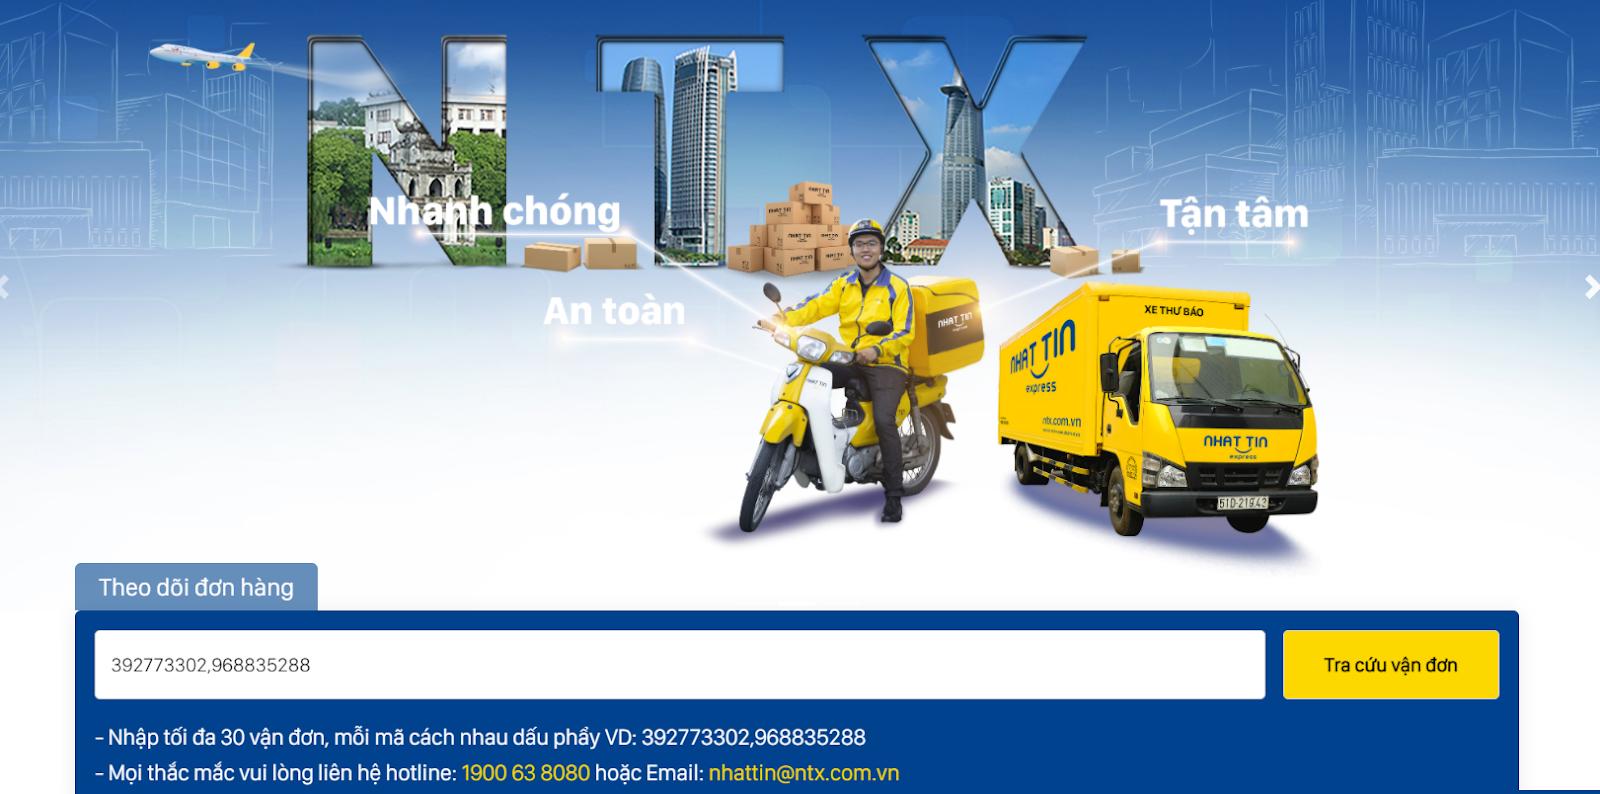 nhập mã vận đơn để tra cứu chuyển phát nhanh vận đơn NTX - Nhất Tín Express